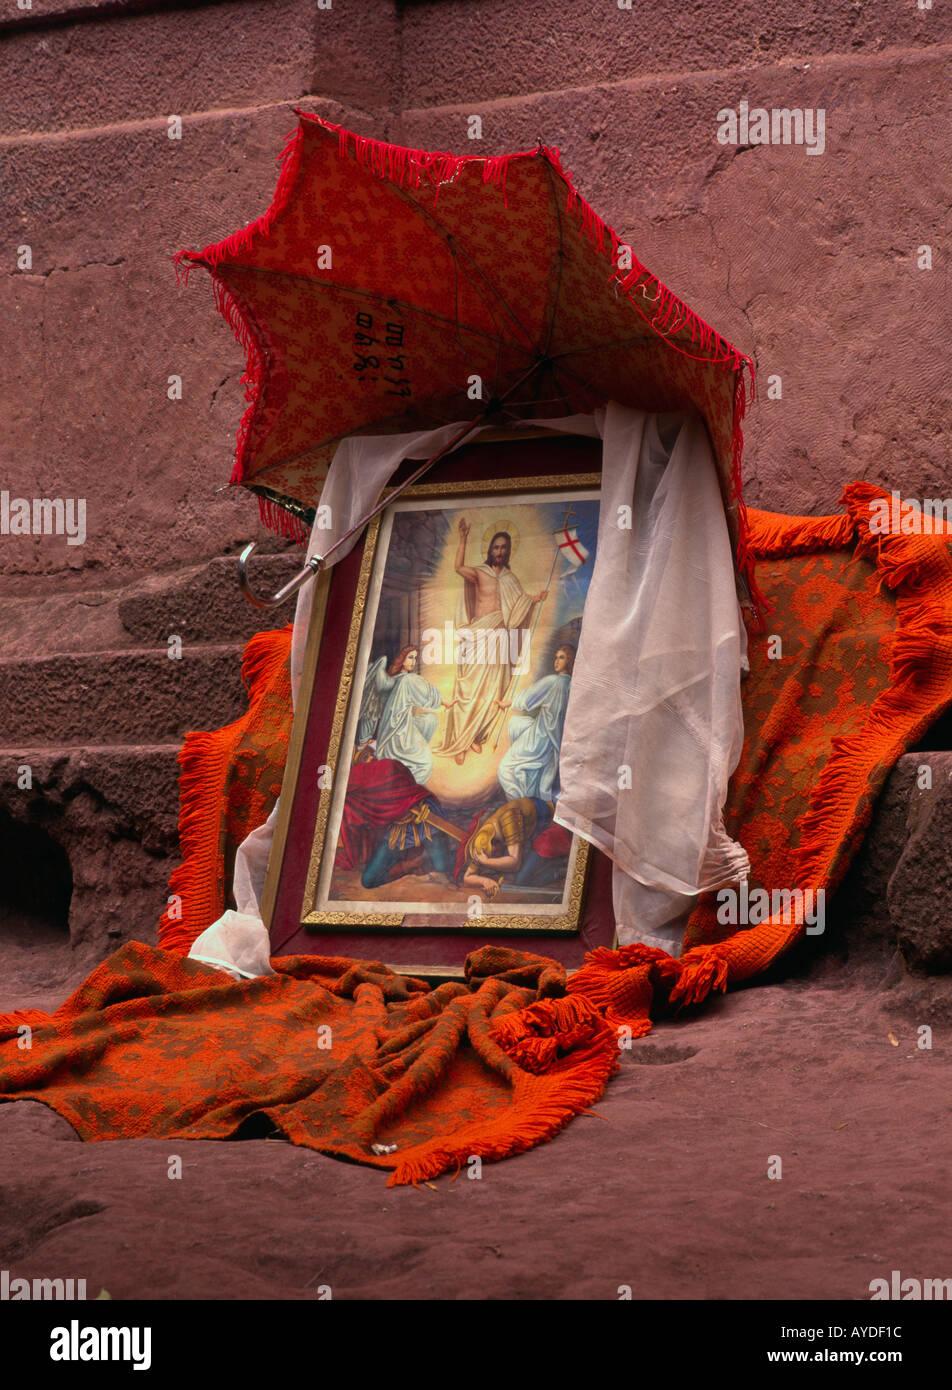 Etiopía Lalilbela imagen enmarcada de una escena bíblica que muestra ...